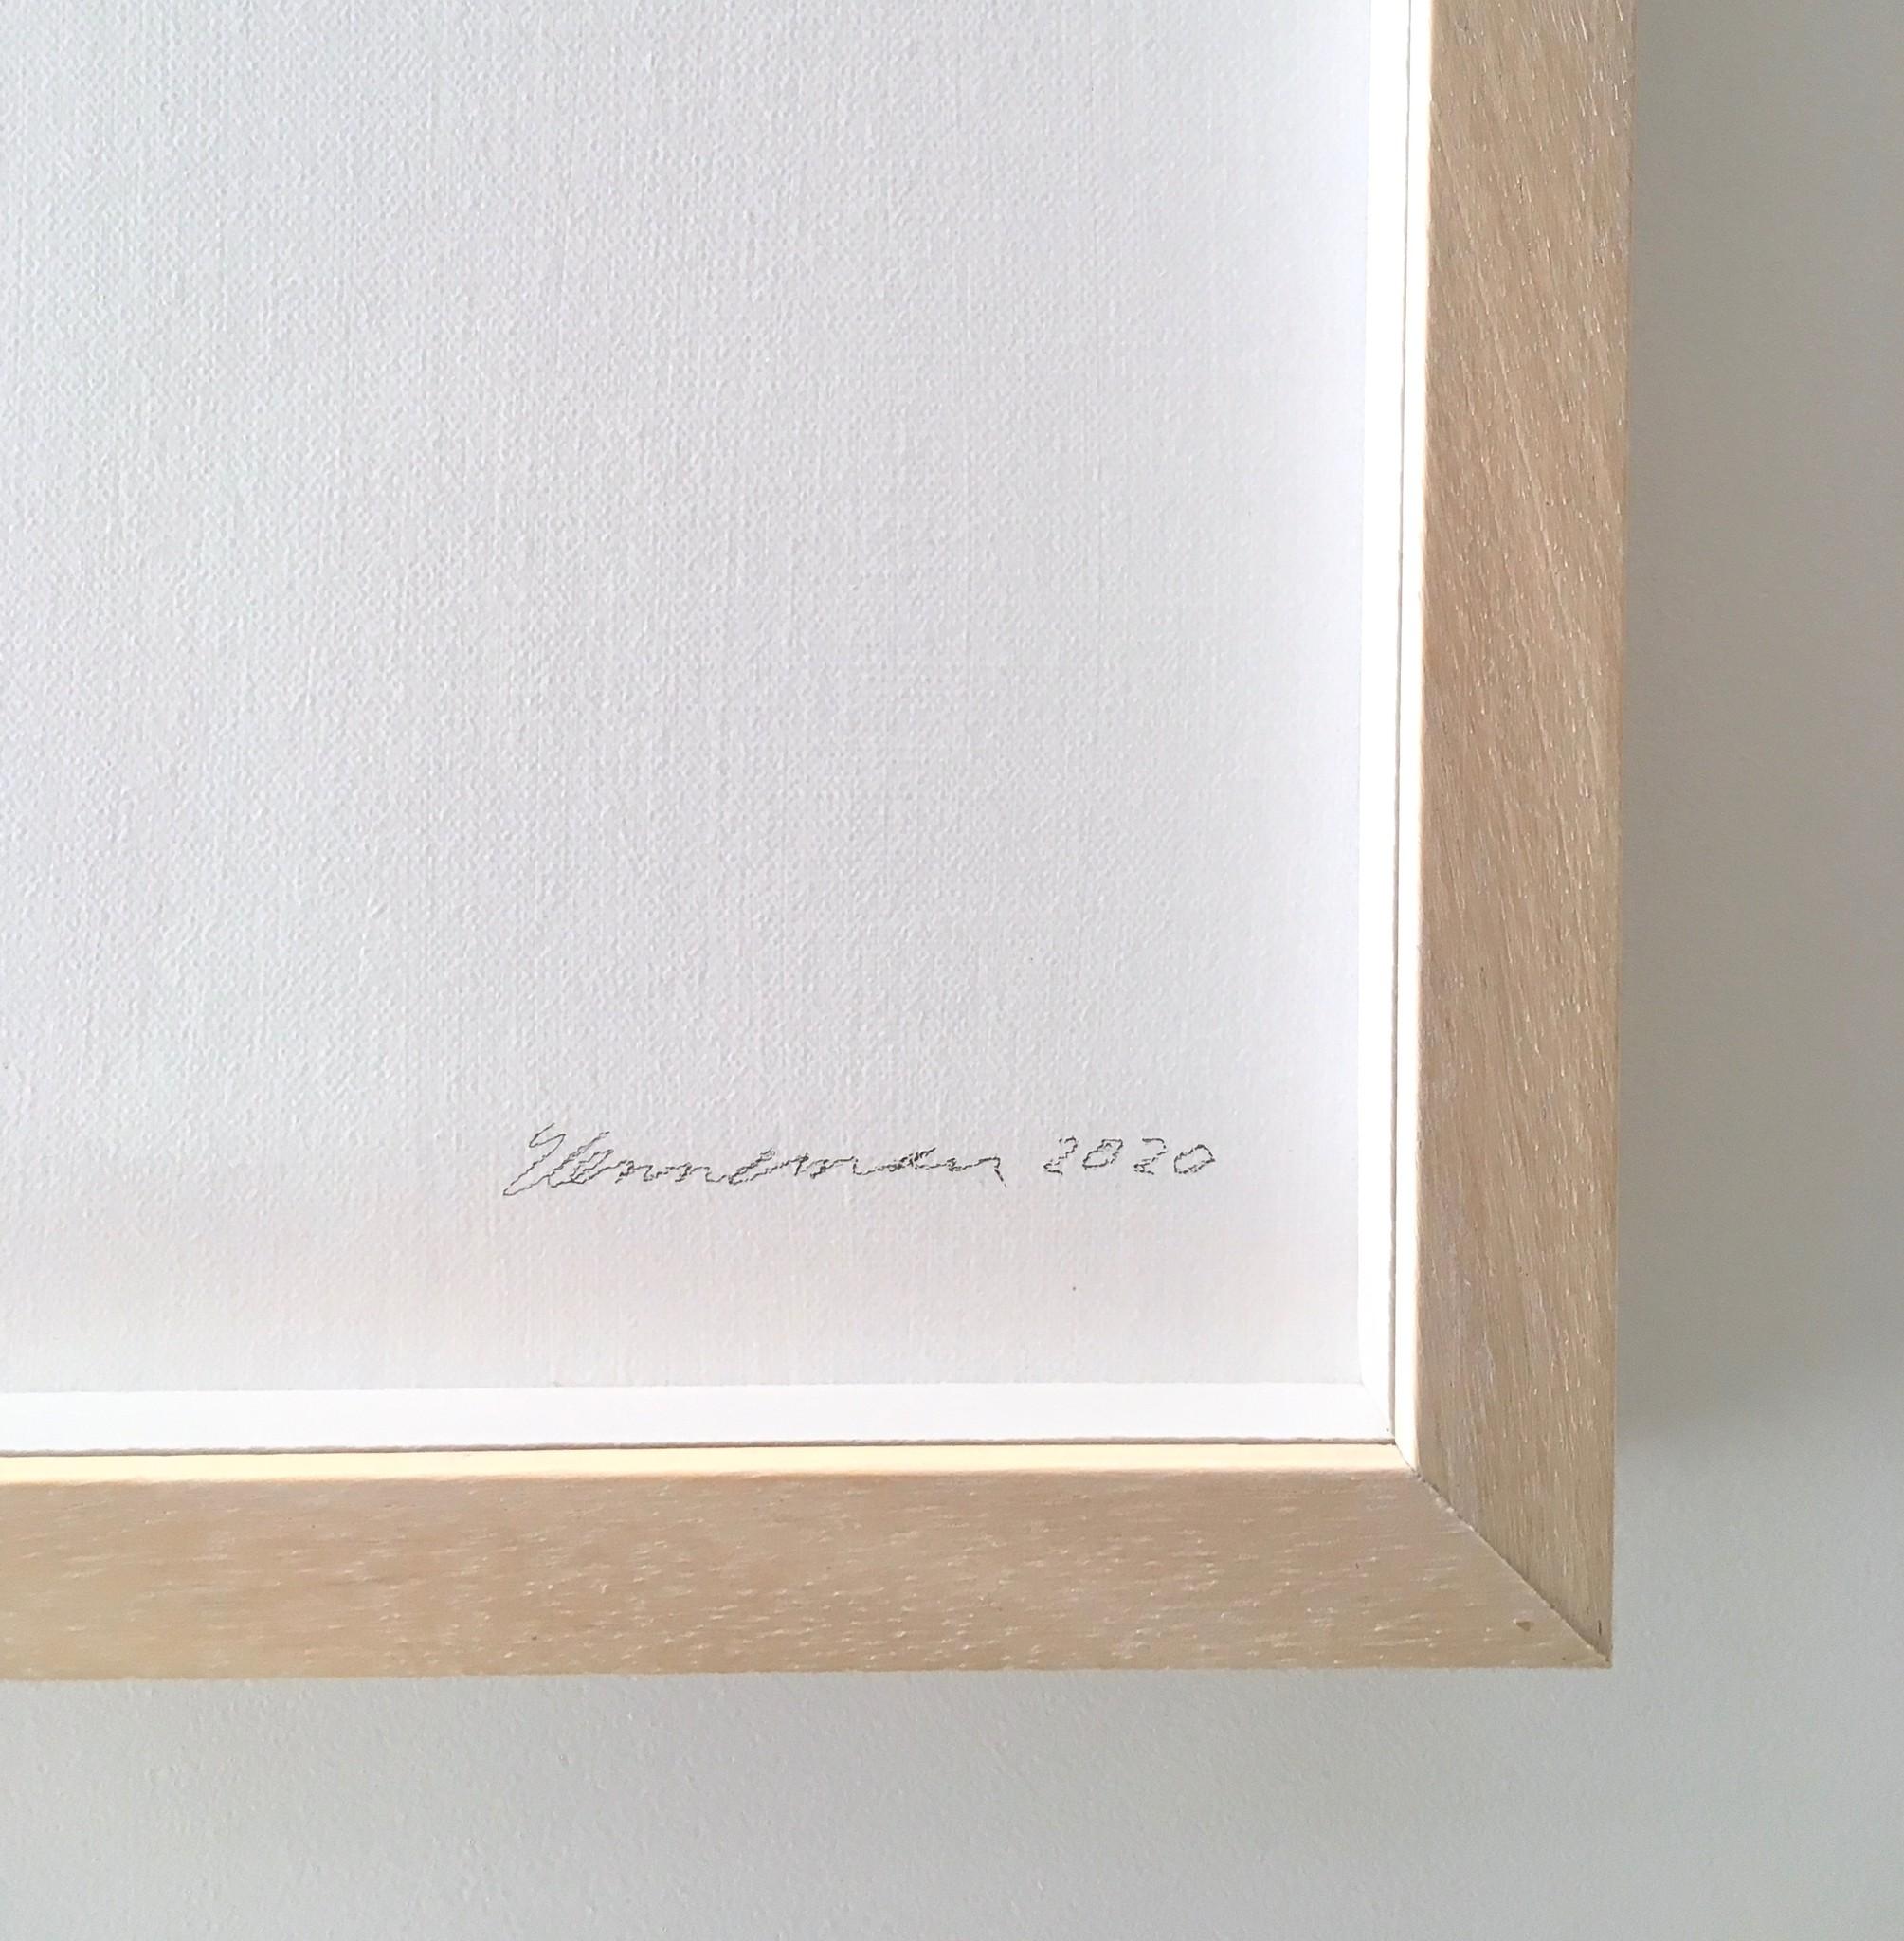 J. HENNEMAN | TWEE RUITEN, 2020